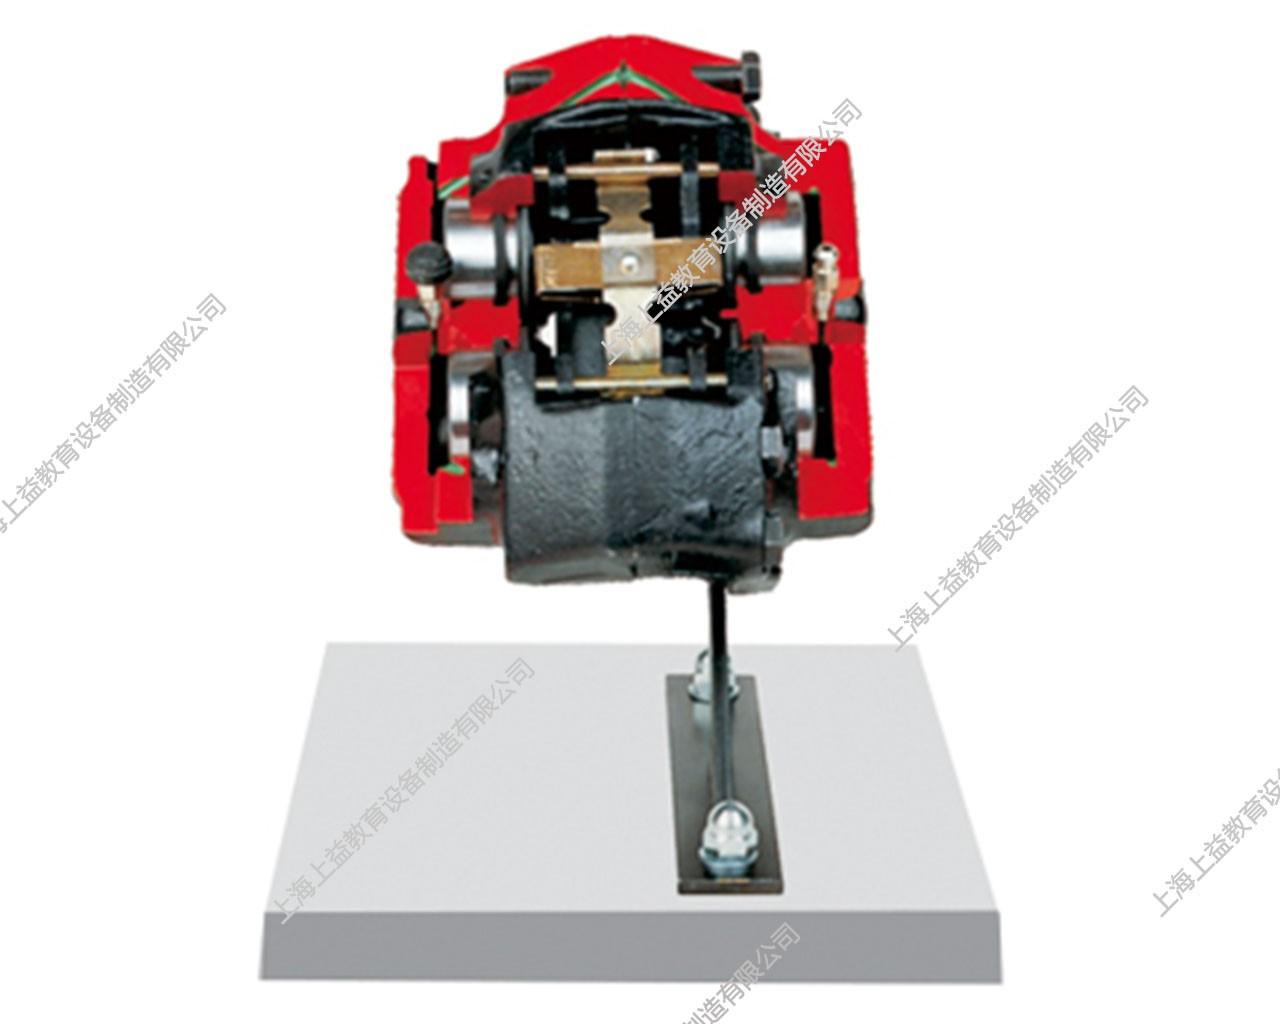 固定钳盘式制动器解剖模型,带四个活塞